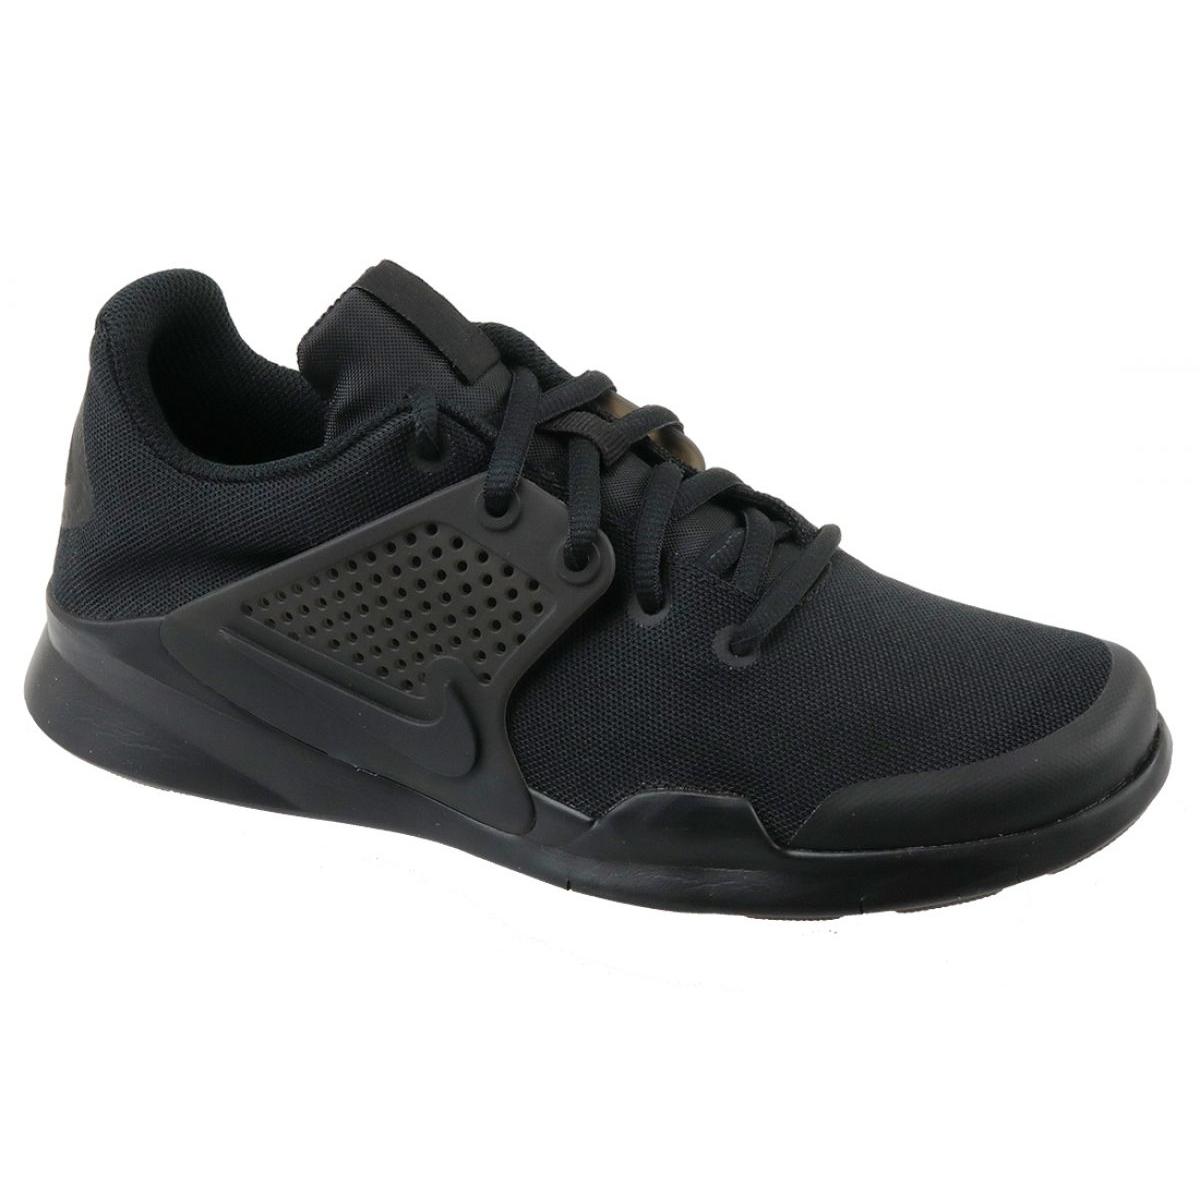 Modernizar Seguro Avanzado  Nike Arrowz Gs W 904232-004 shoes black - ButyModne.pl